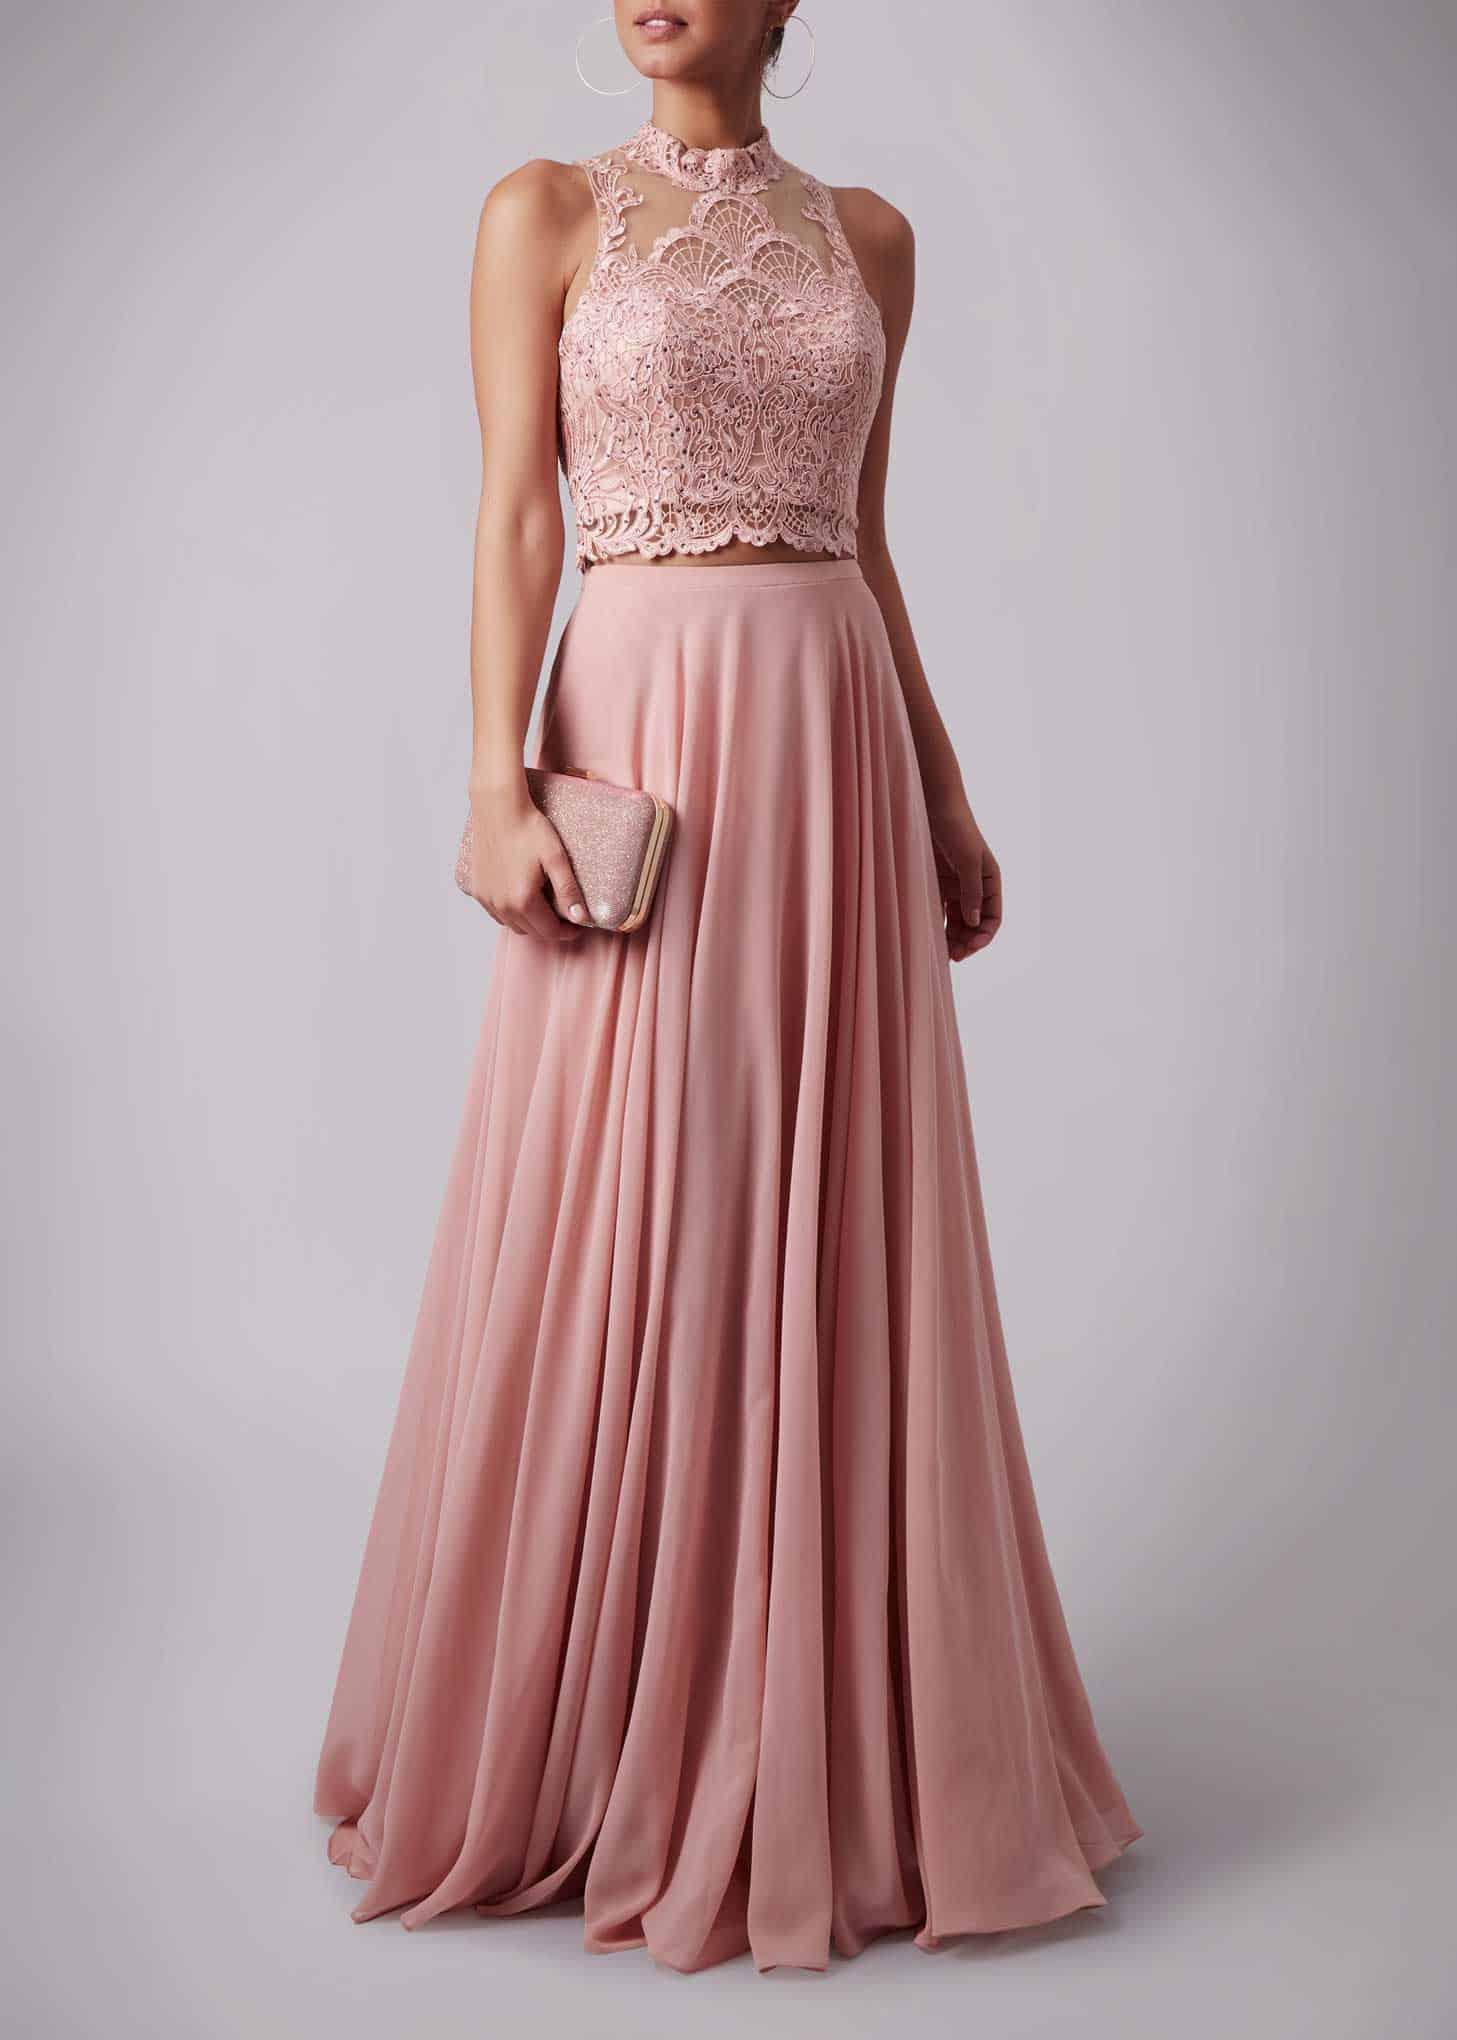 12 Luxus Abendkleid Zweiteiler Stylish - Abendkleid